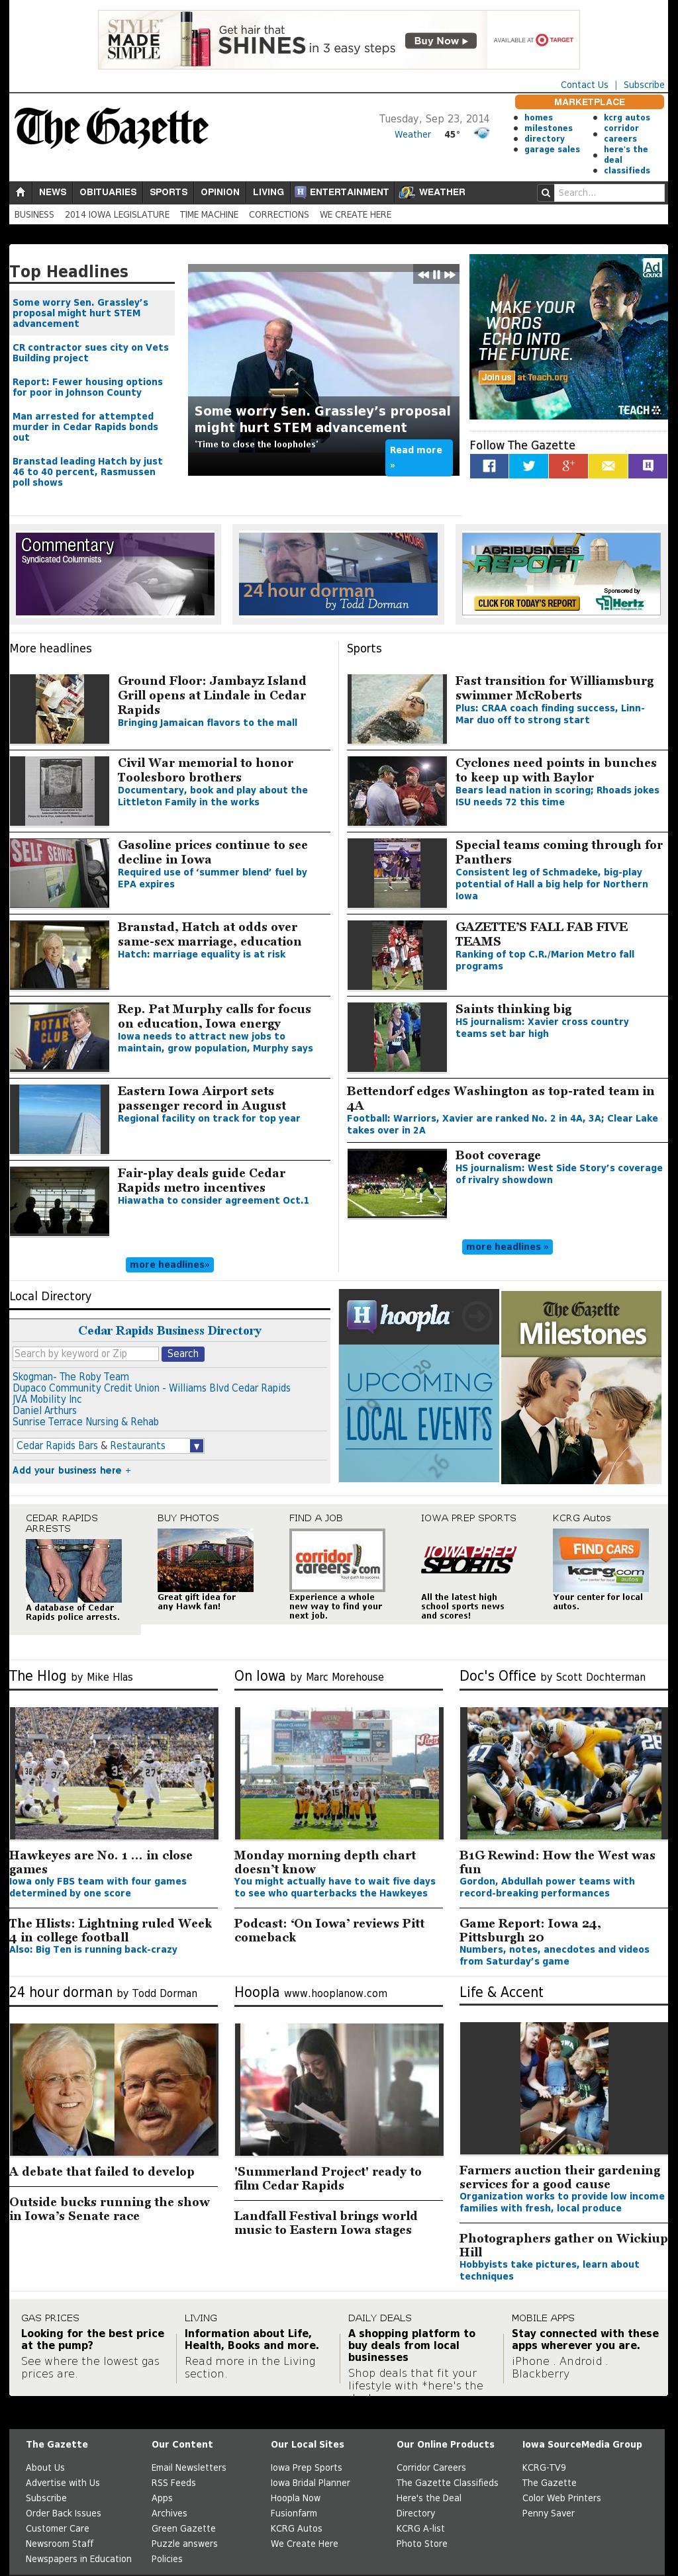 The (Cedar Rapids) Gazette at Tuesday Sept. 23, 2014, 1:05 p.m. UTC